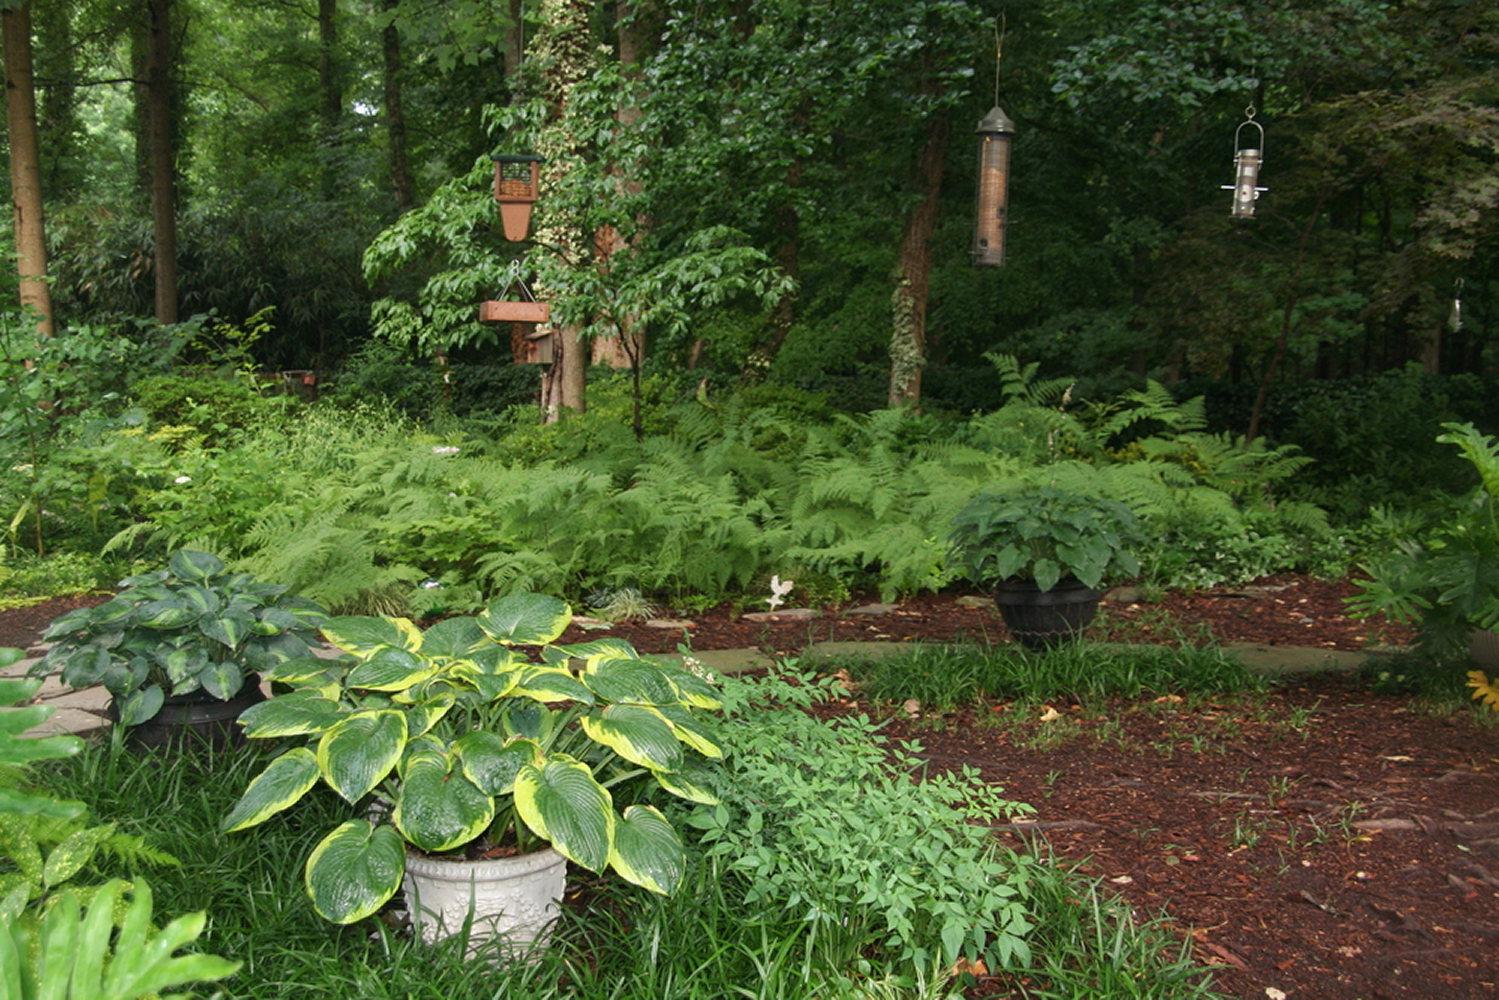 hosta-green-and-golden-IMG_3840creative-friends-series.JPG